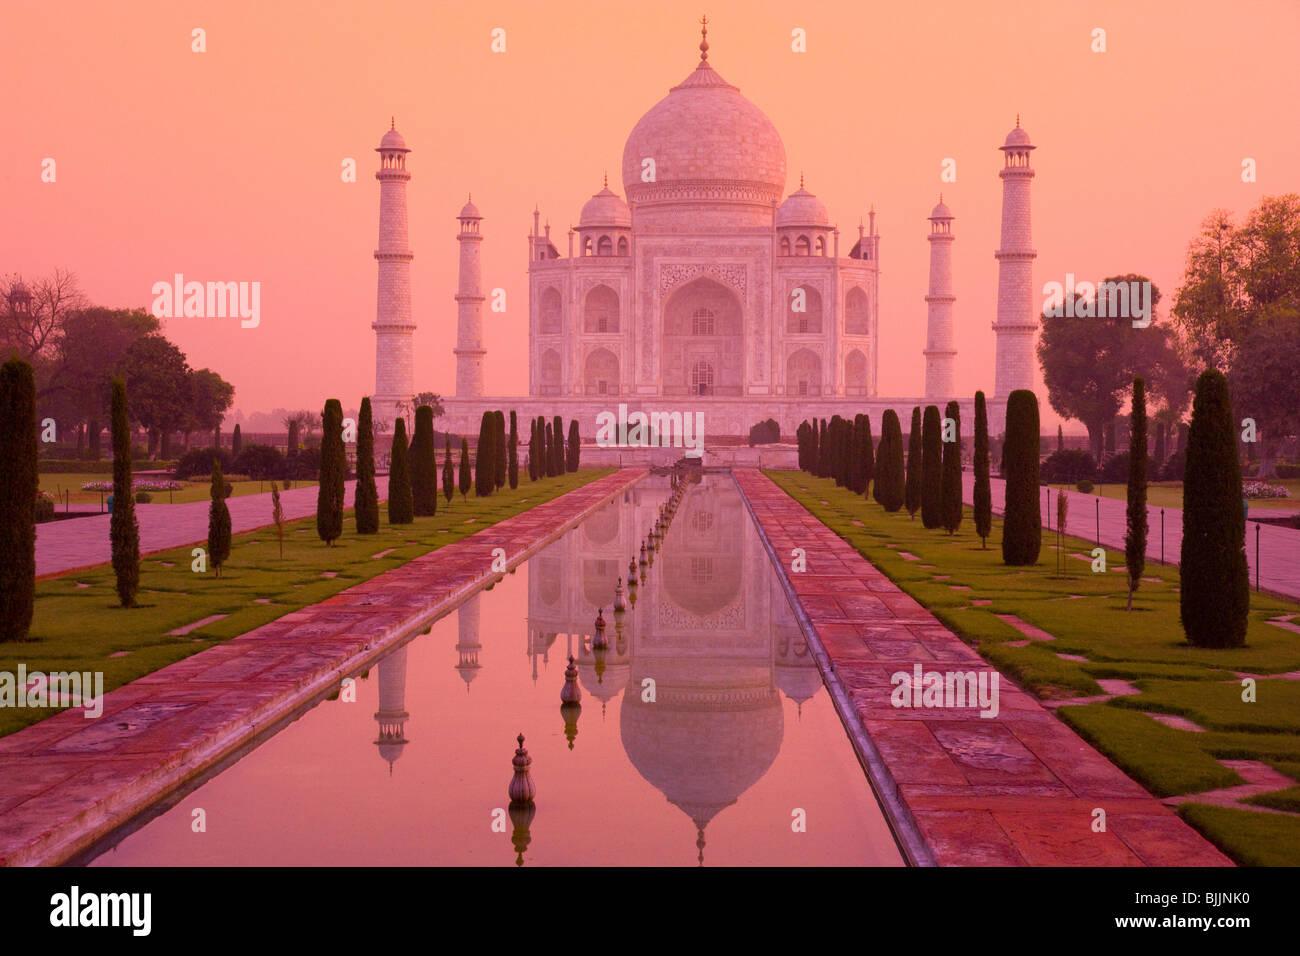 Taj Mahal, Agra, Inde, UNESCO World Heritage Site, construit en 1631 par Shal Jahan pour épouse Mumtaz Mahal Photo Stock